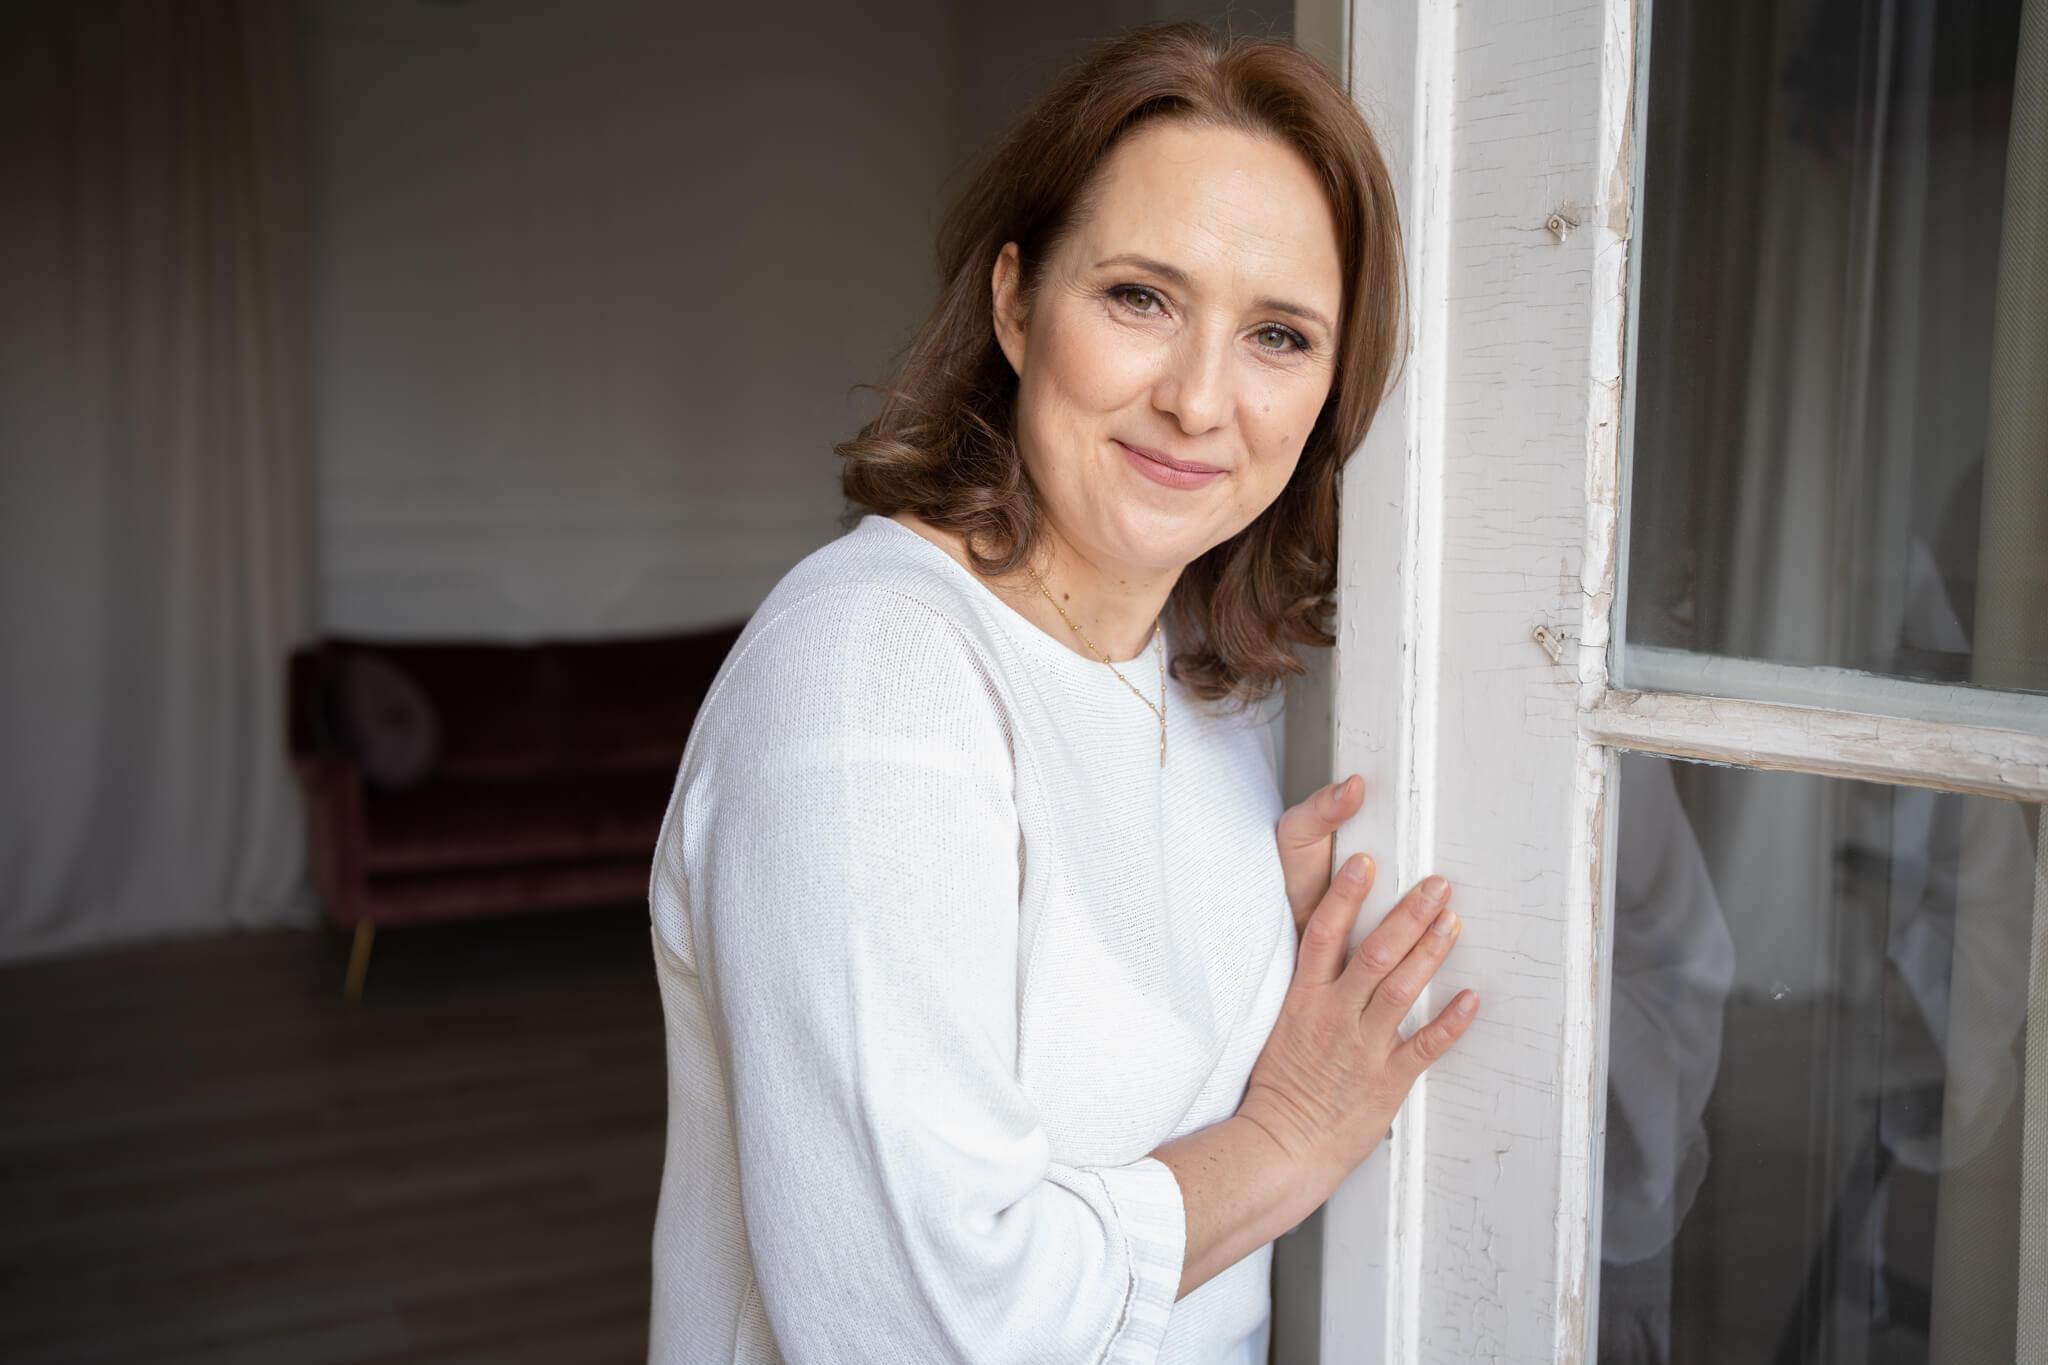 kobieta opierająca się o uchylone drzwi z tarasy w studio